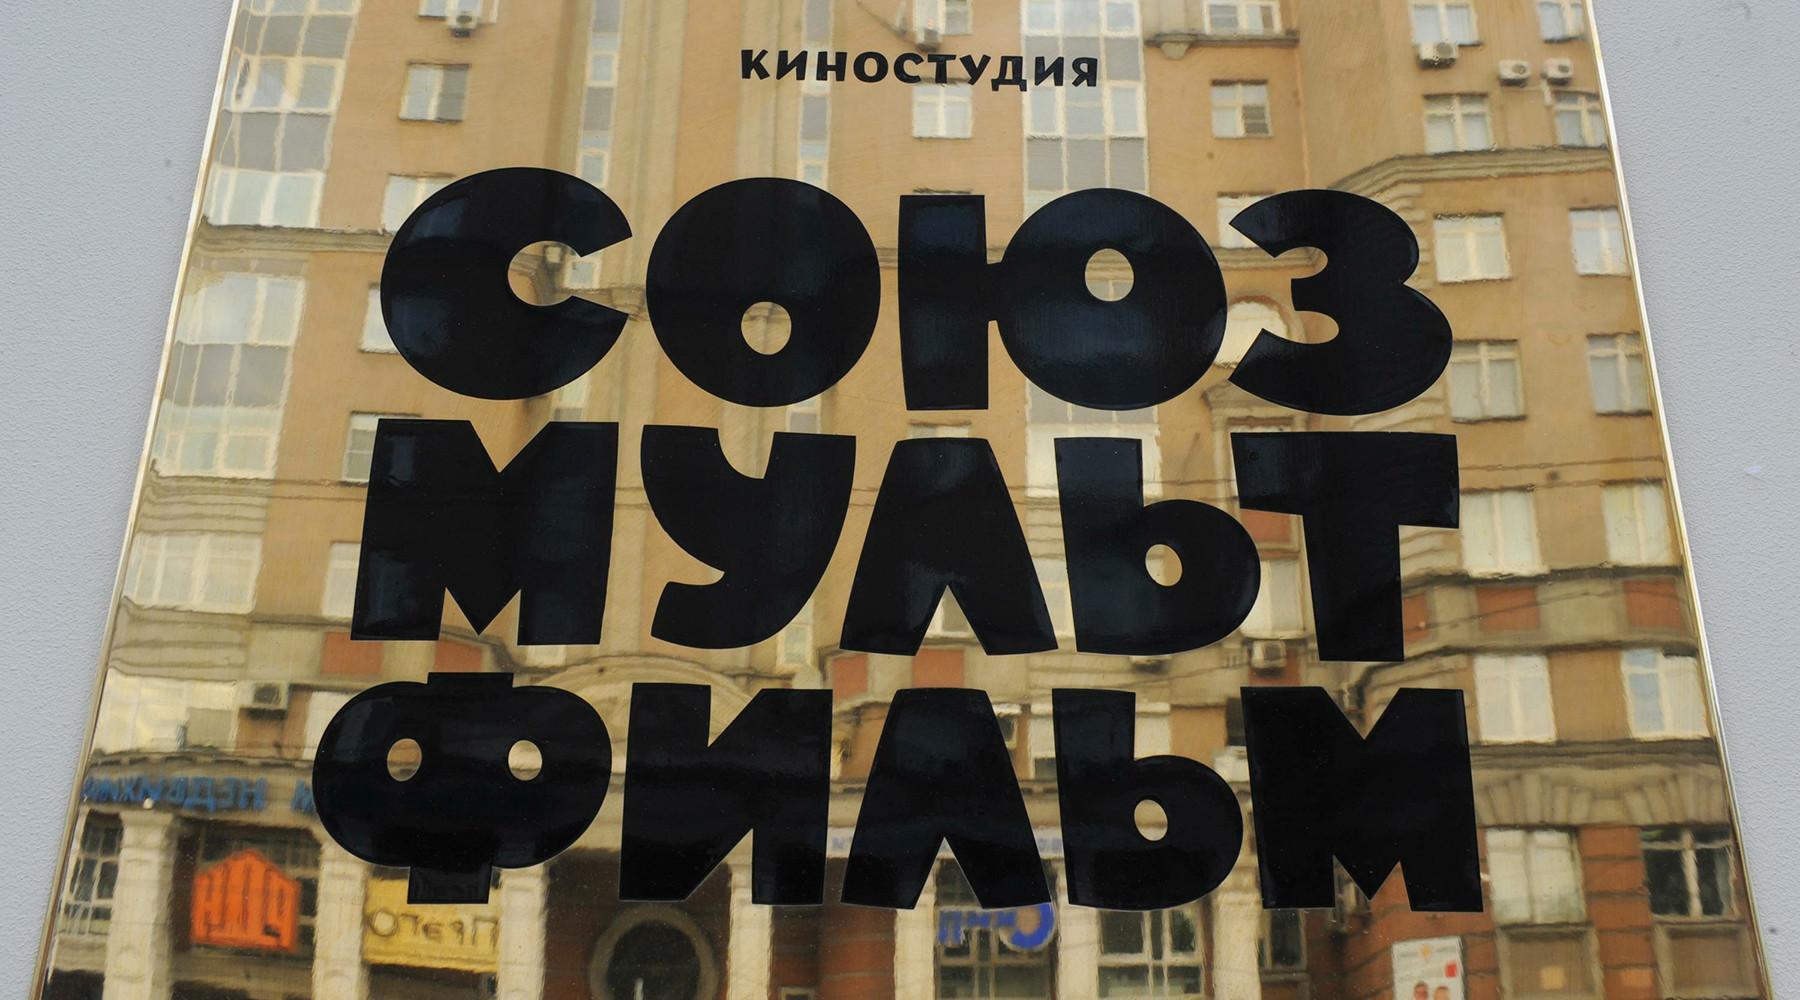 Интервью с и.о. директора «Союзмультфильма» Борисом Машковцевым